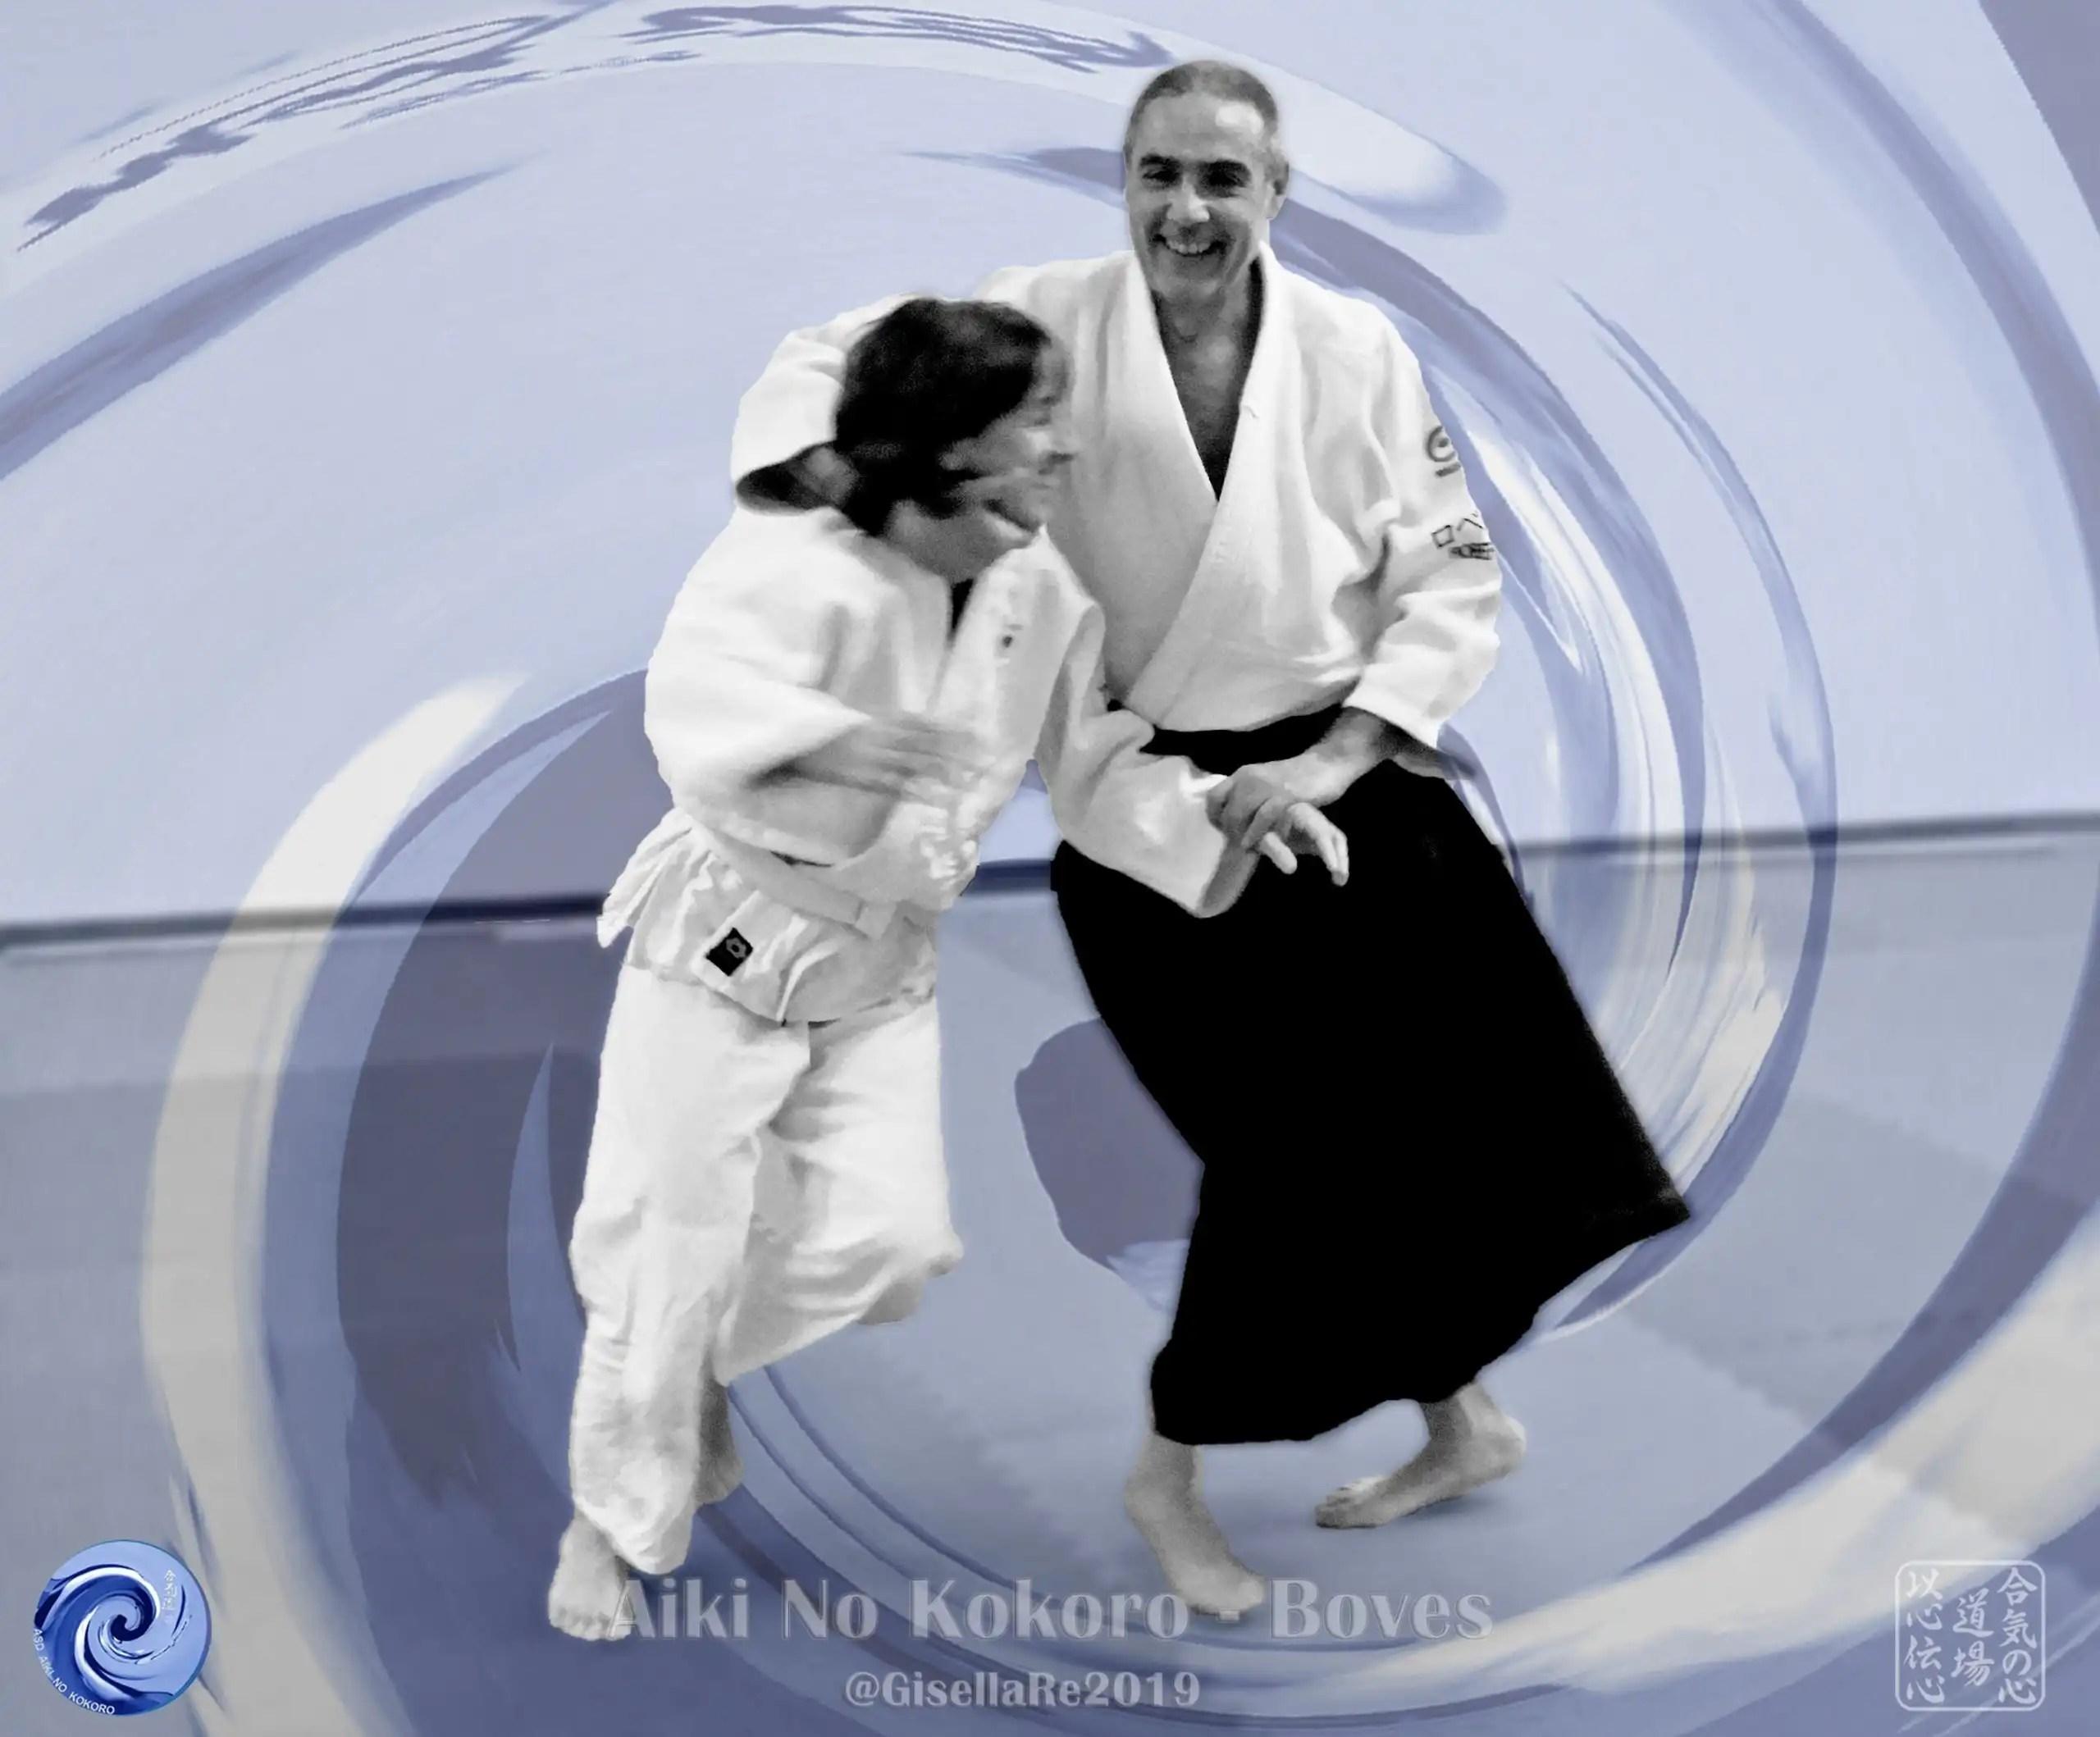 Aikido:praticare con gioia, Aiki No Kokoro Boves, Scuola di Aikido Cuneo